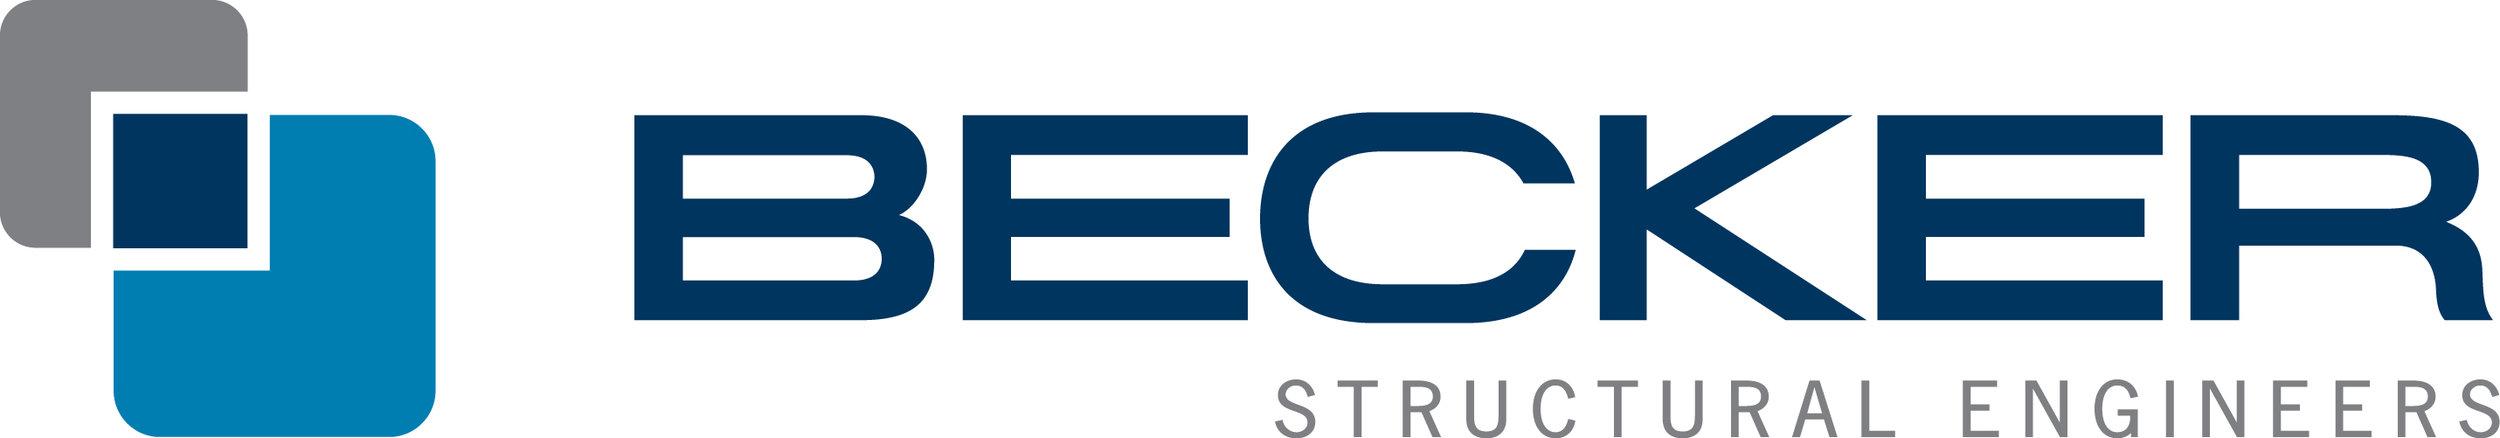 BECKER_Logo_Final.jpg